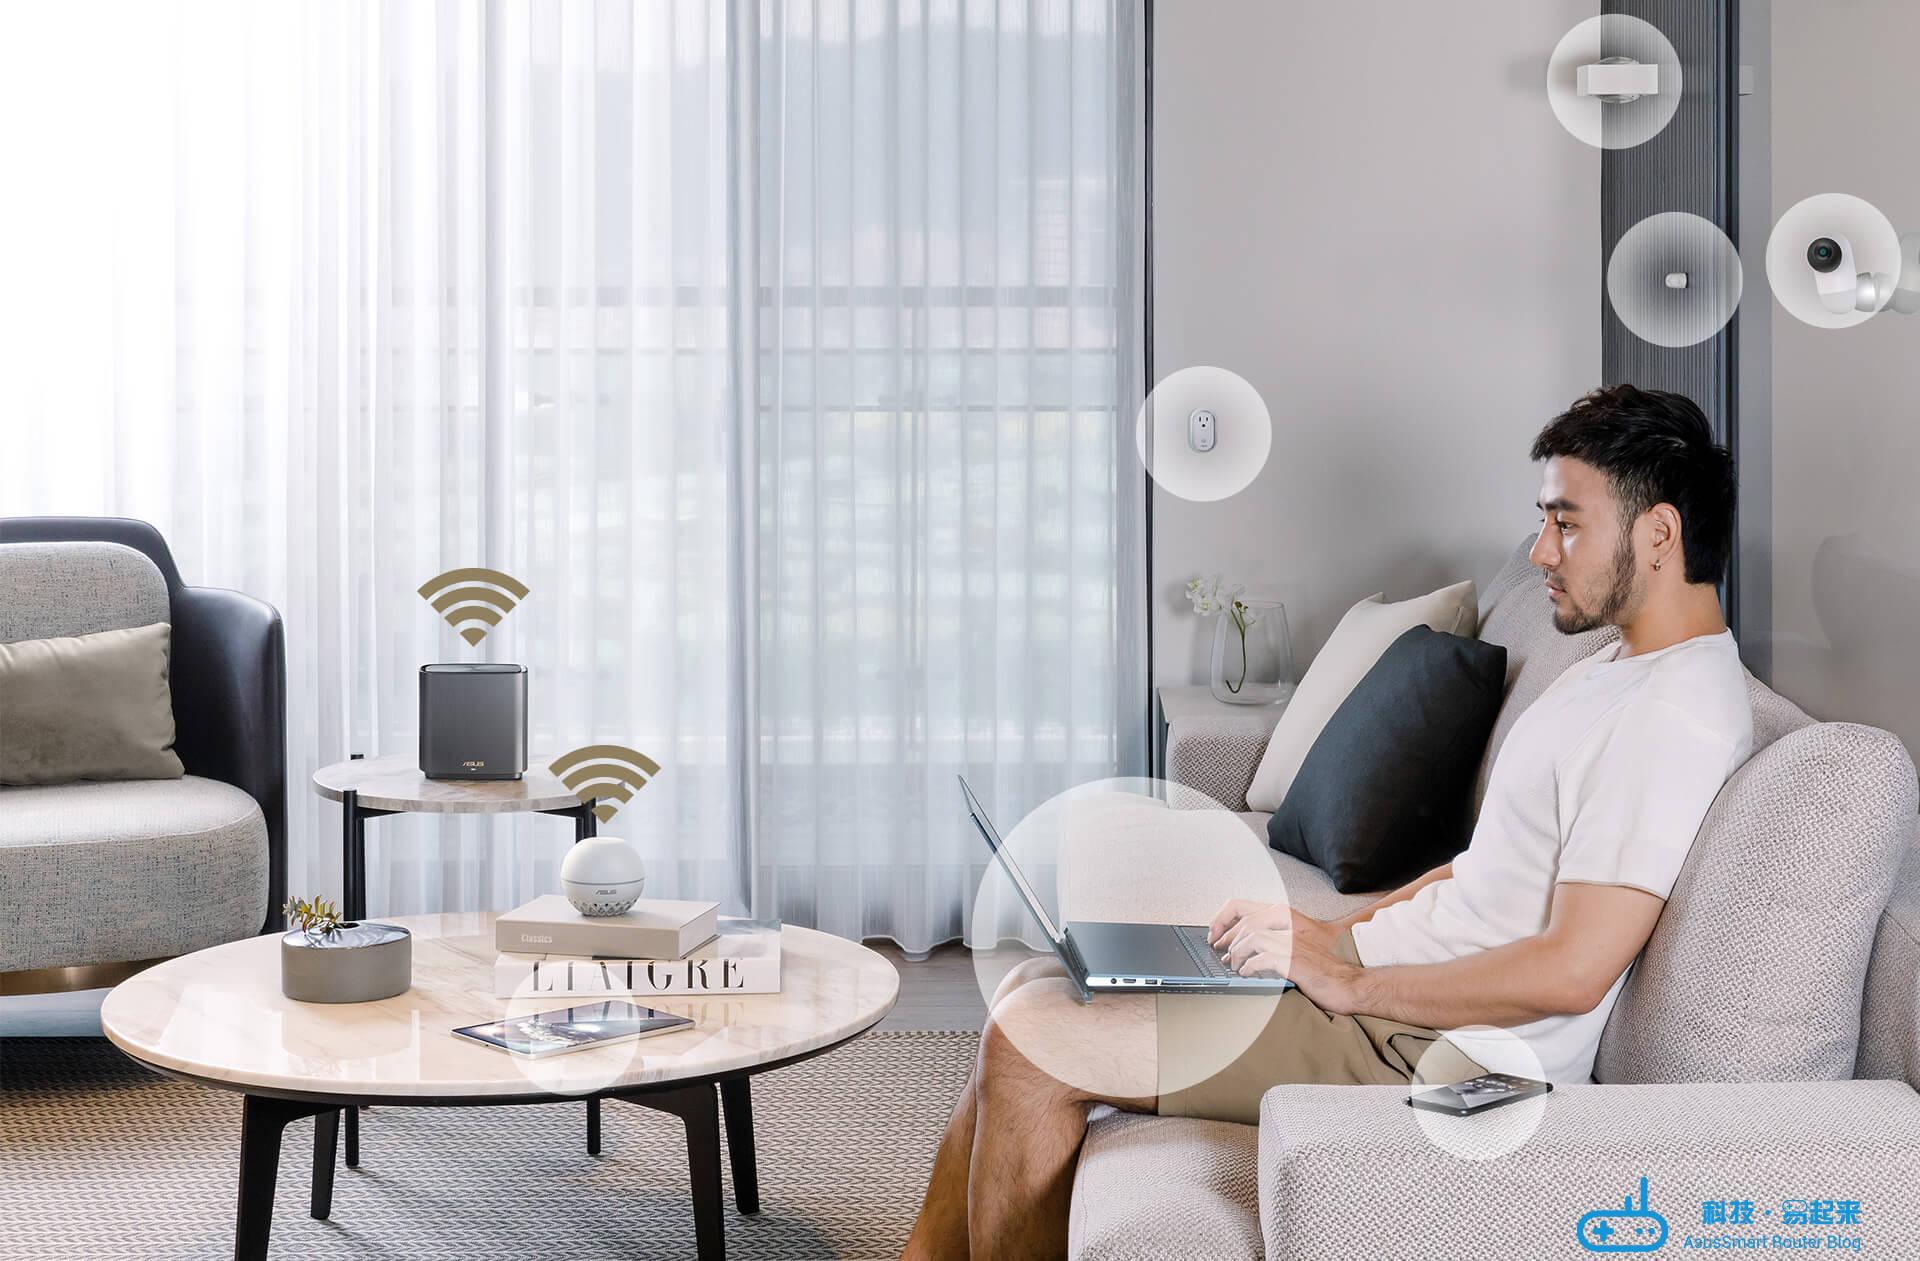 升级到 WiFi 标准 WiFi 6 前必须知道的五件事